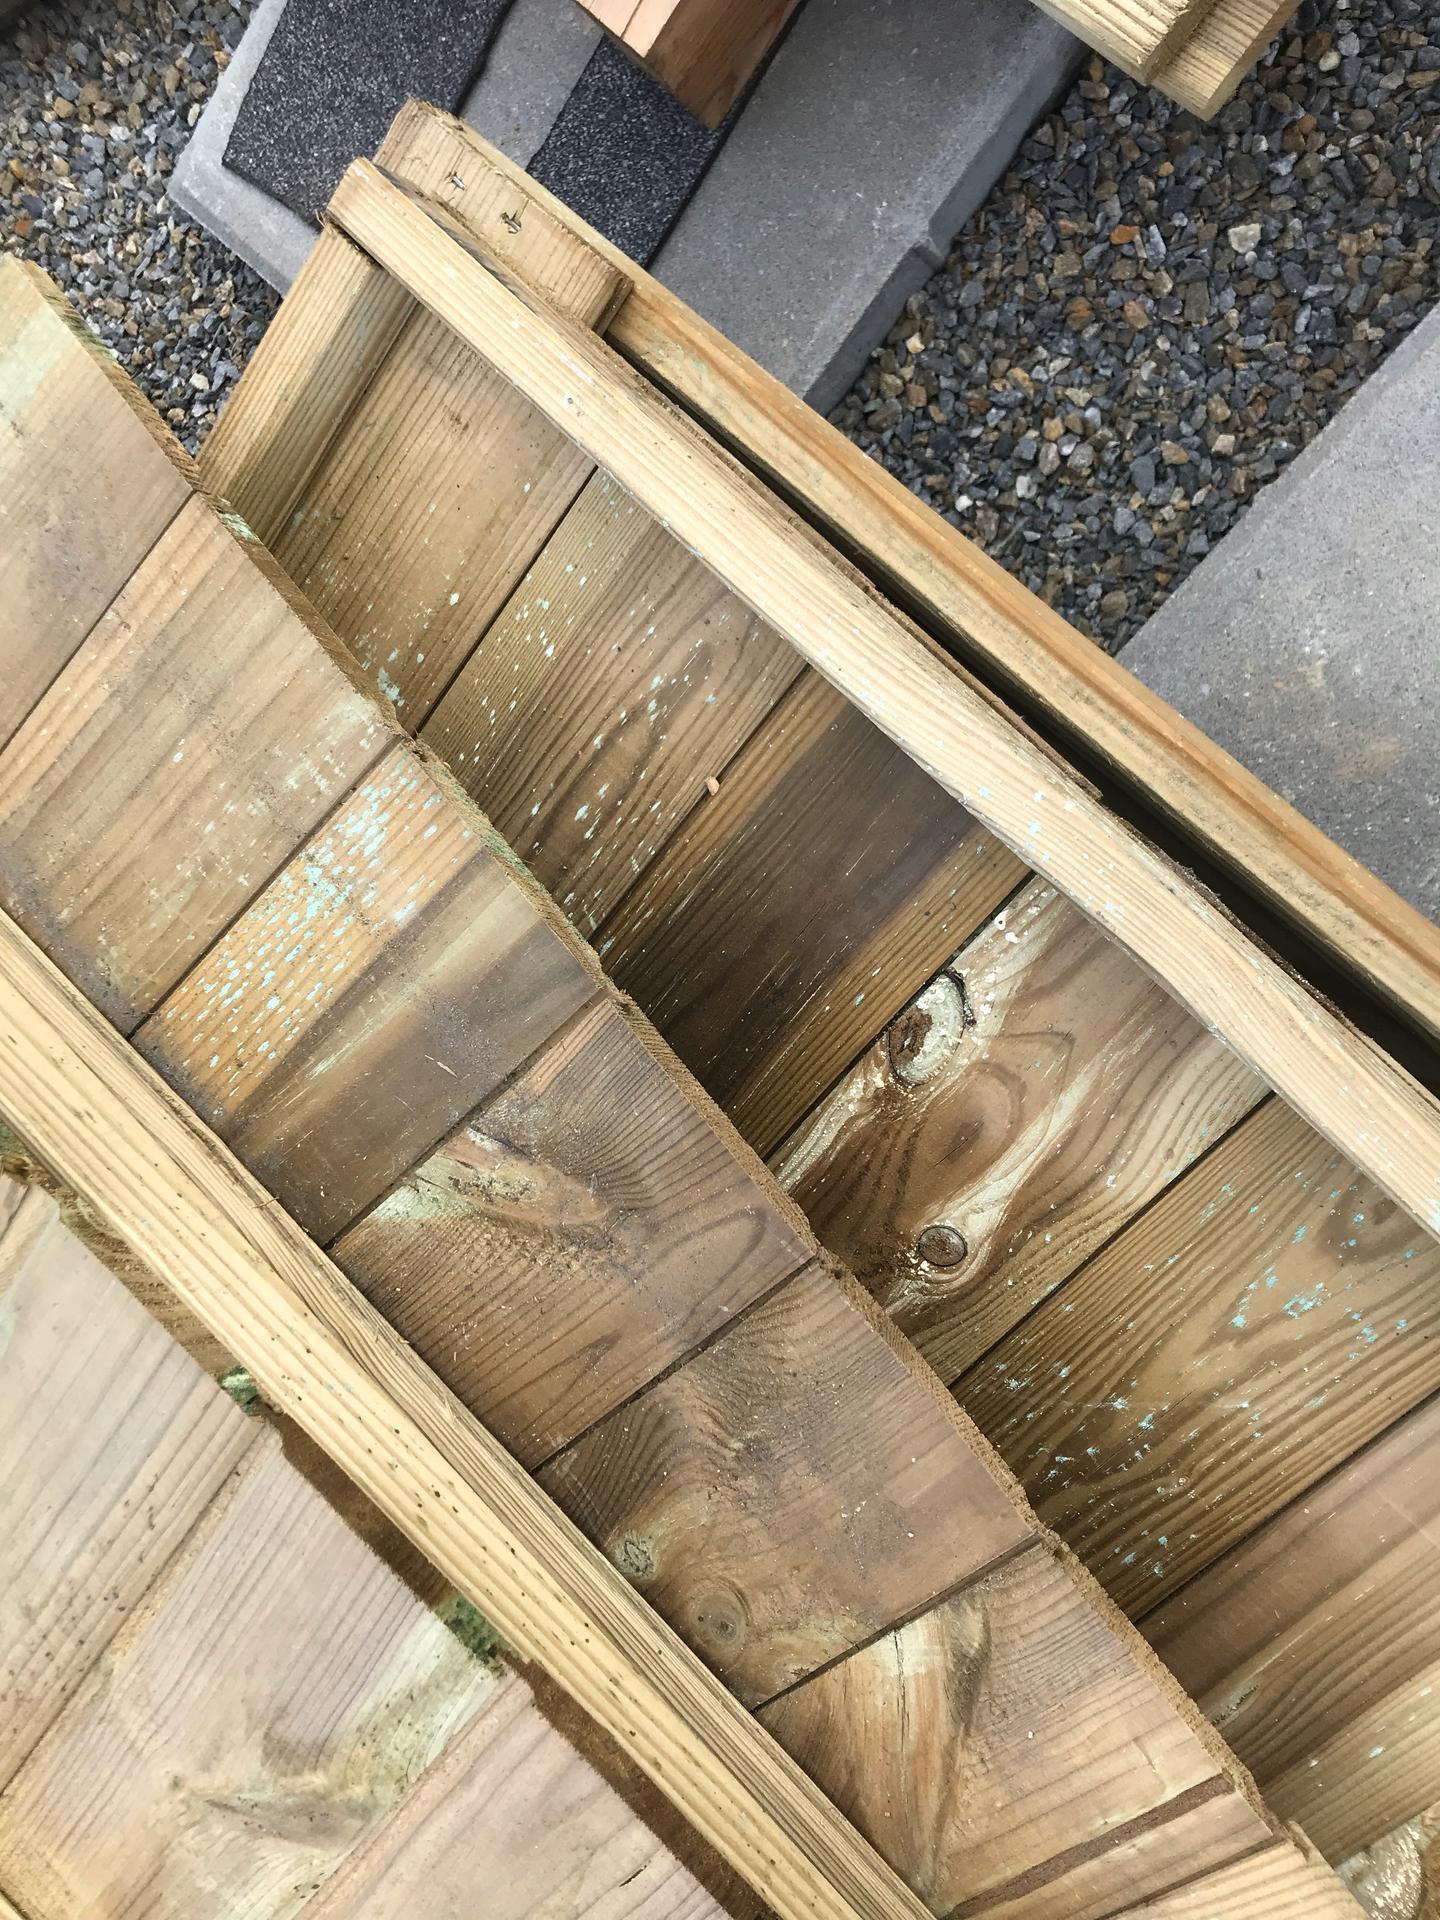 Prosím o radu, je dřevo na fotkách napadené plísní? Jde mi o případné ošetření, děkuji - Obrázek č. 1